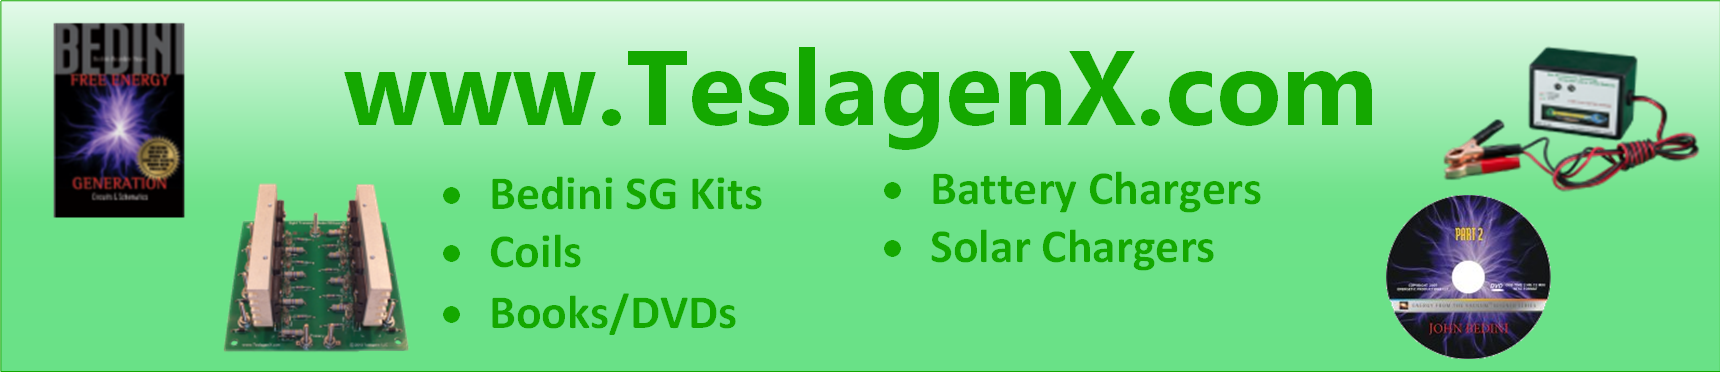 TeslagenX, Inc. - http://www.teslagenx.com